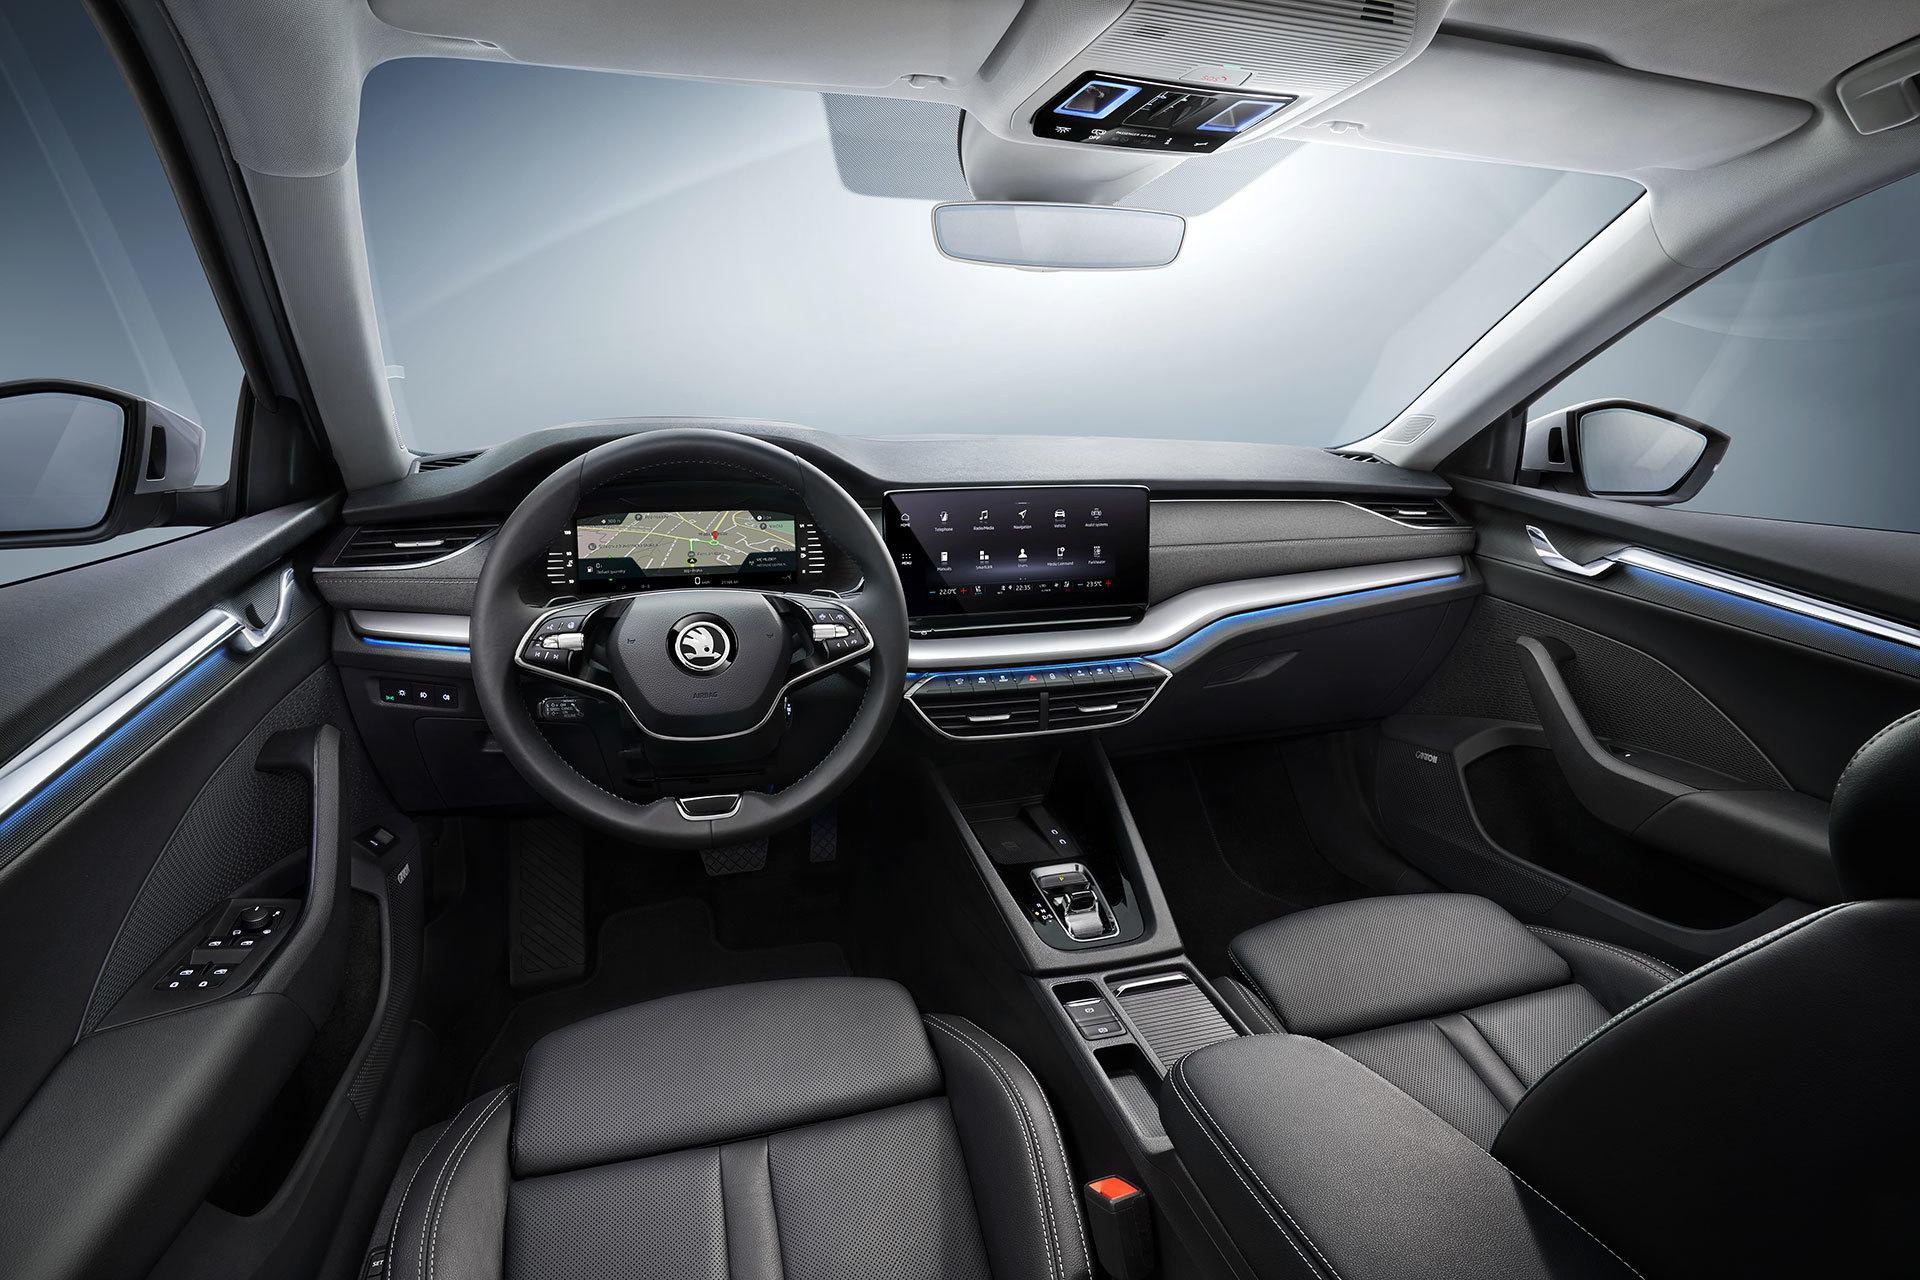 Skoda Octavia 2020 Interior 18